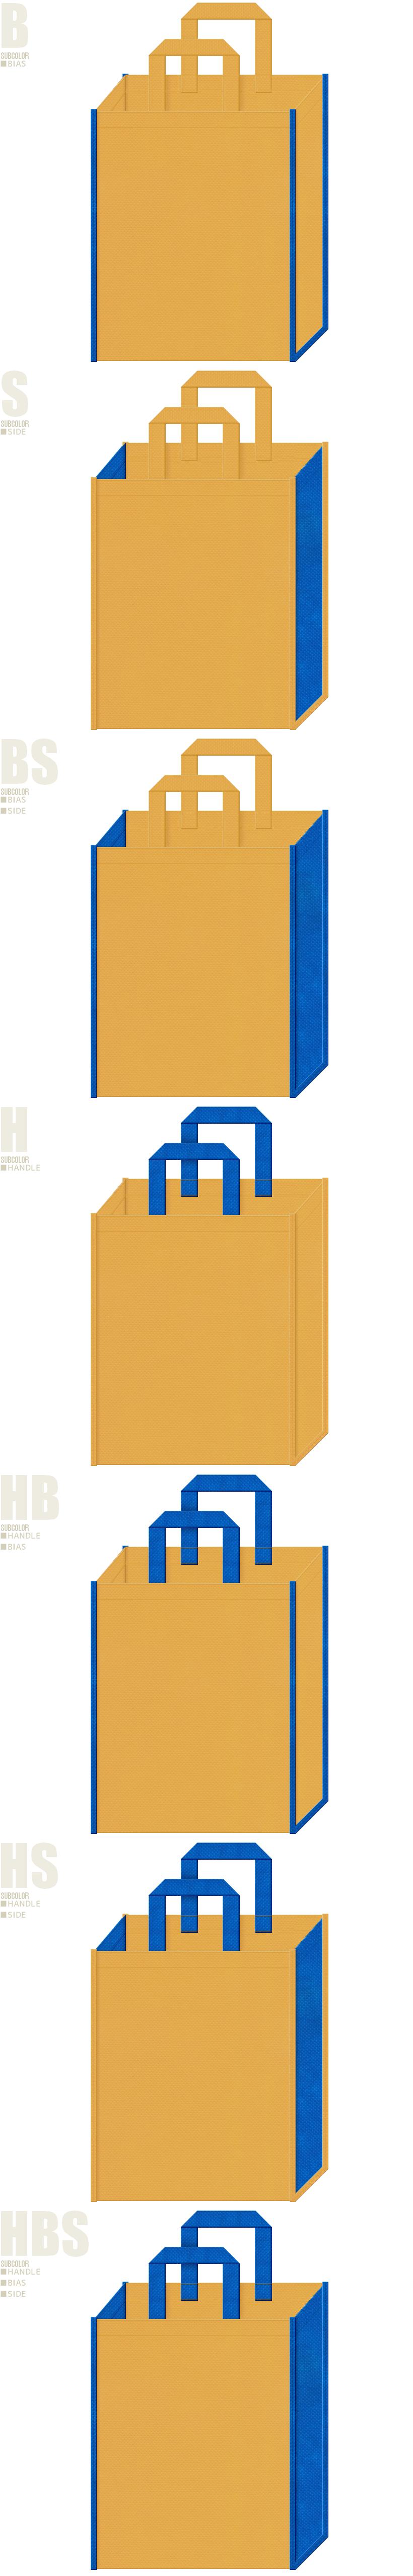 不織布トートバッグのデザイン例-不織布メインカラーNo.36+サブカラーNo.22の2色7パターン